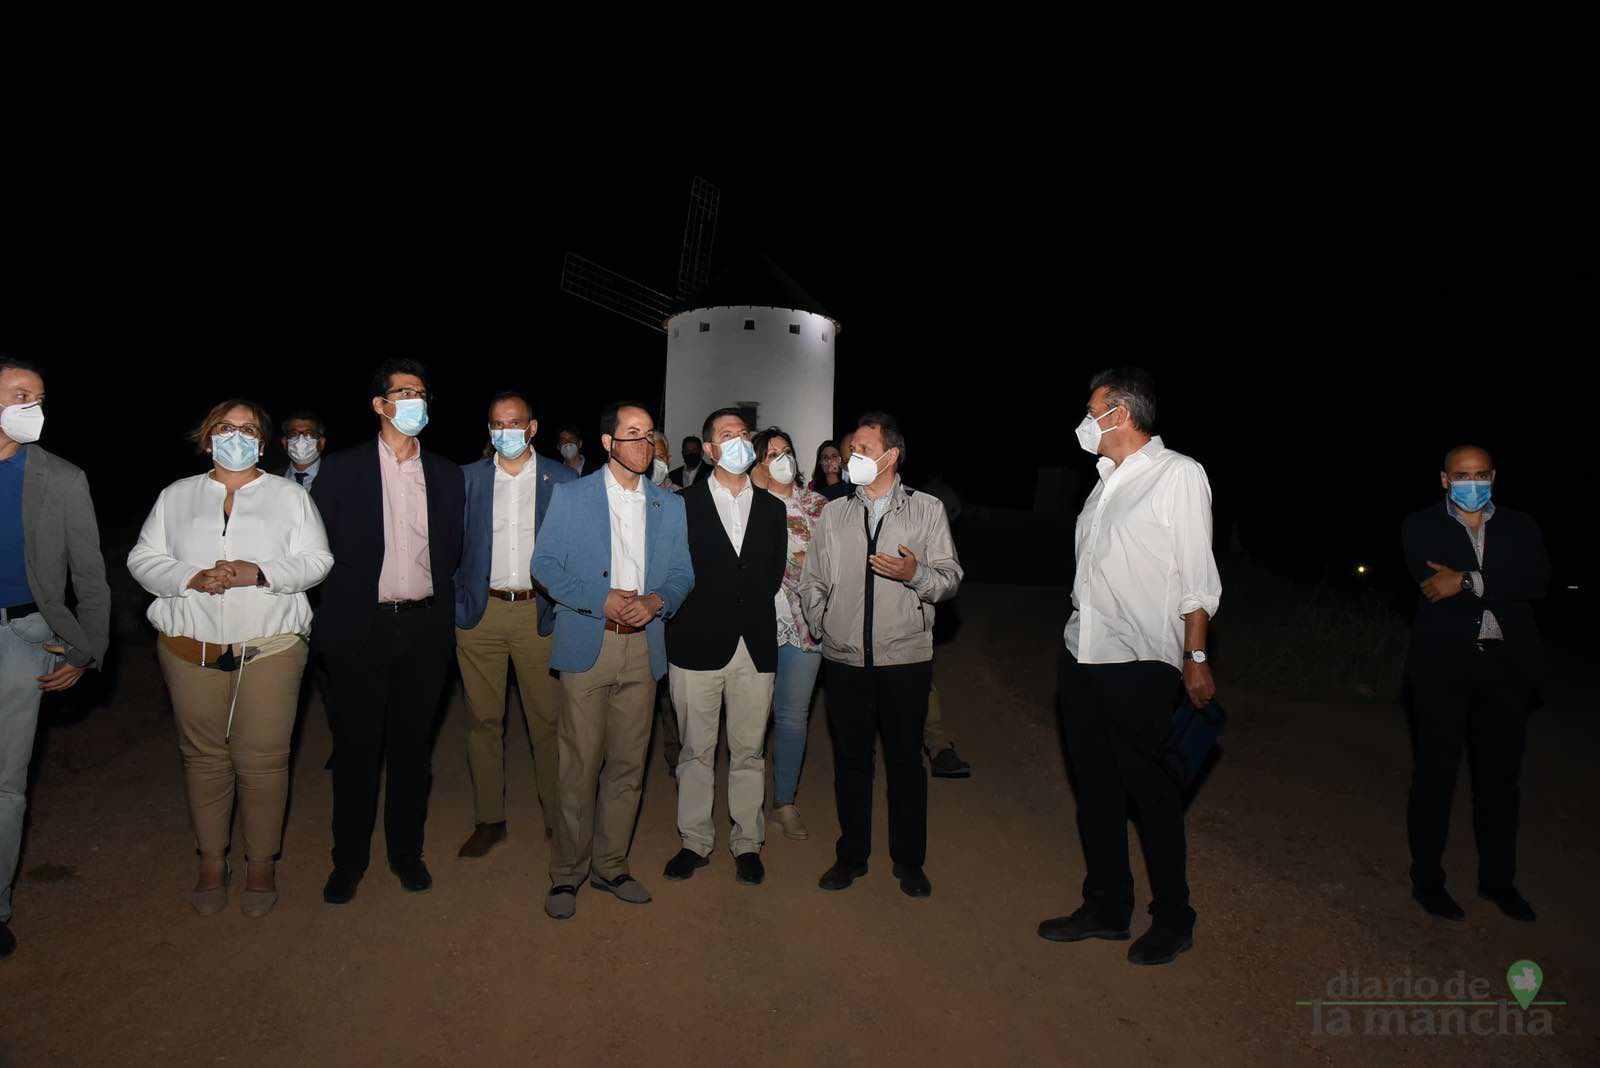 Herencia vuelve a inaugurar con una nueva iluminación artística sus molinos de viento 34